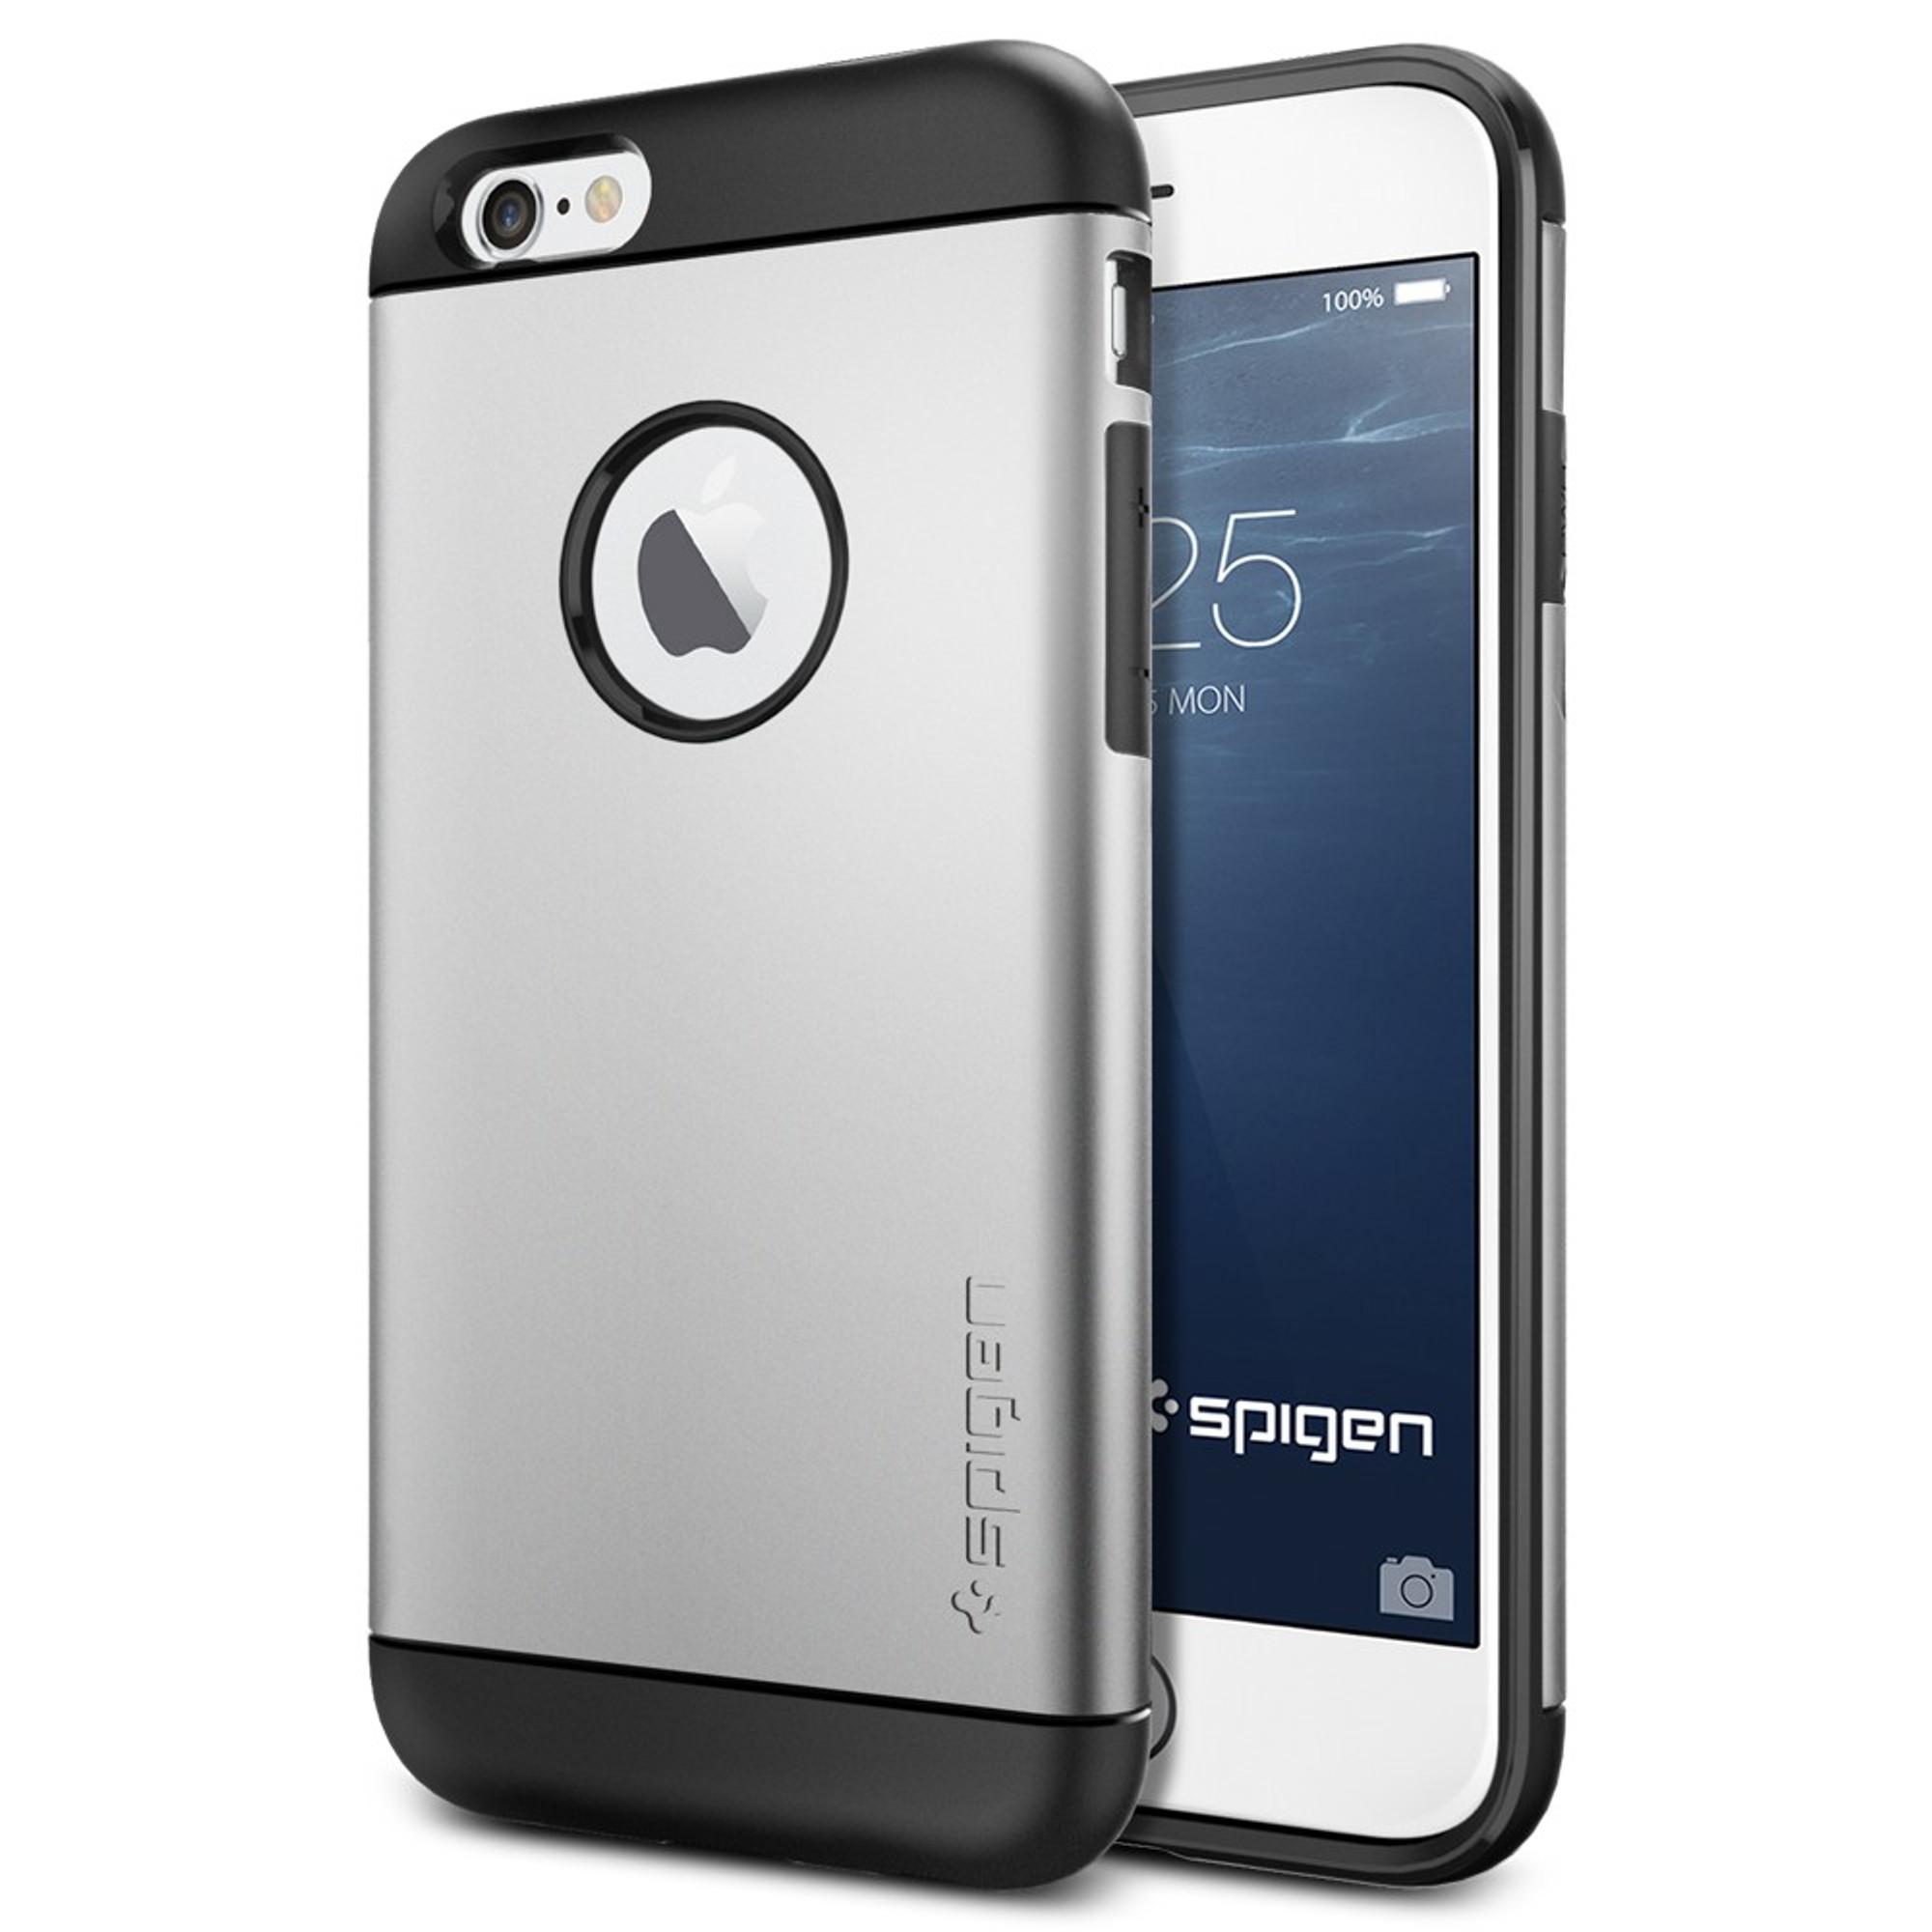 spegin iphone 6 case